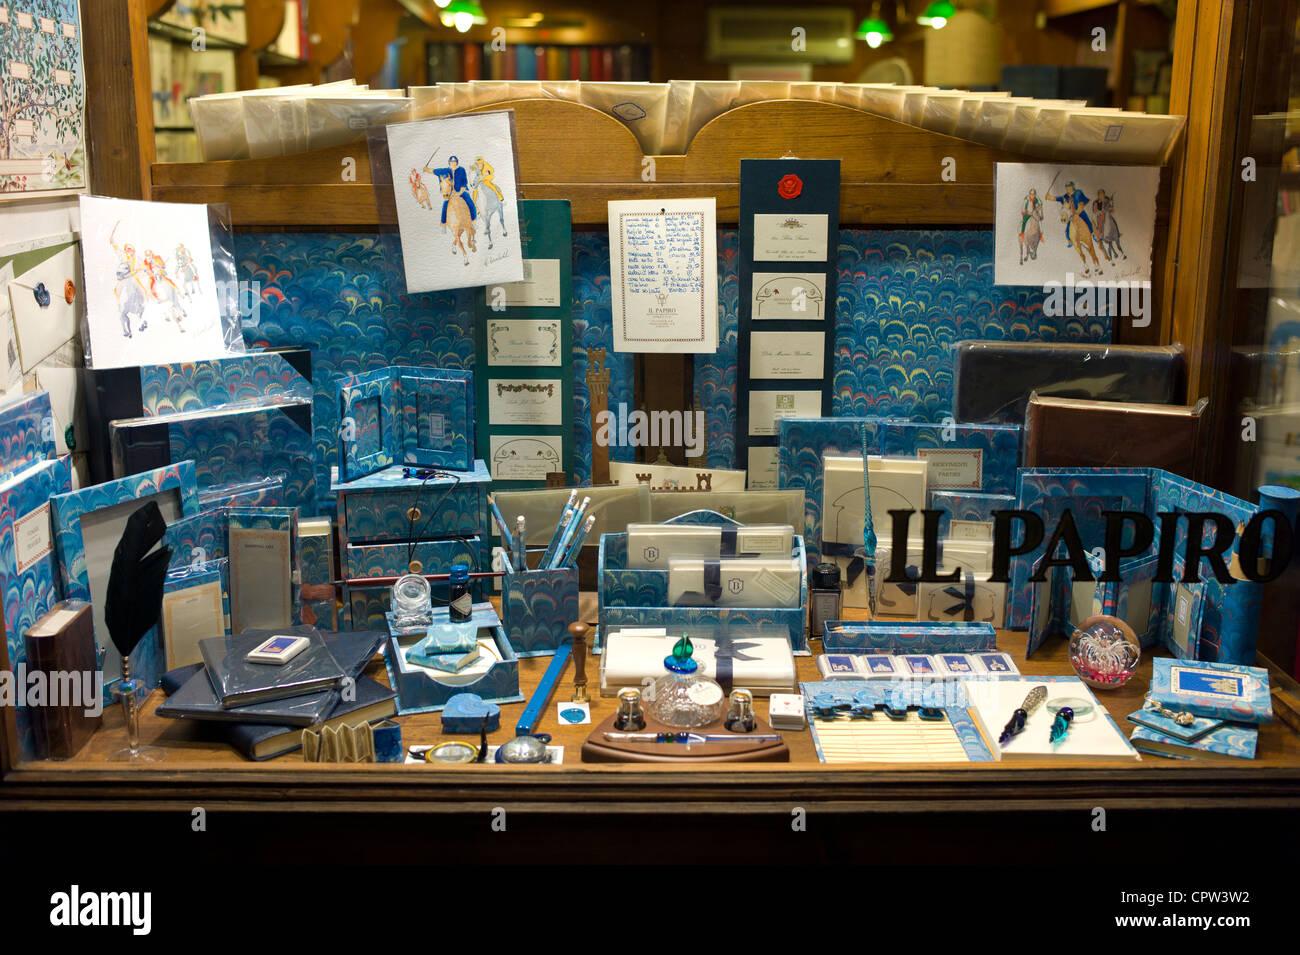 Il Papiro boutique qui vend des stylos, papier et d'articles de papeterie à Sienne, Italie Photo Stock